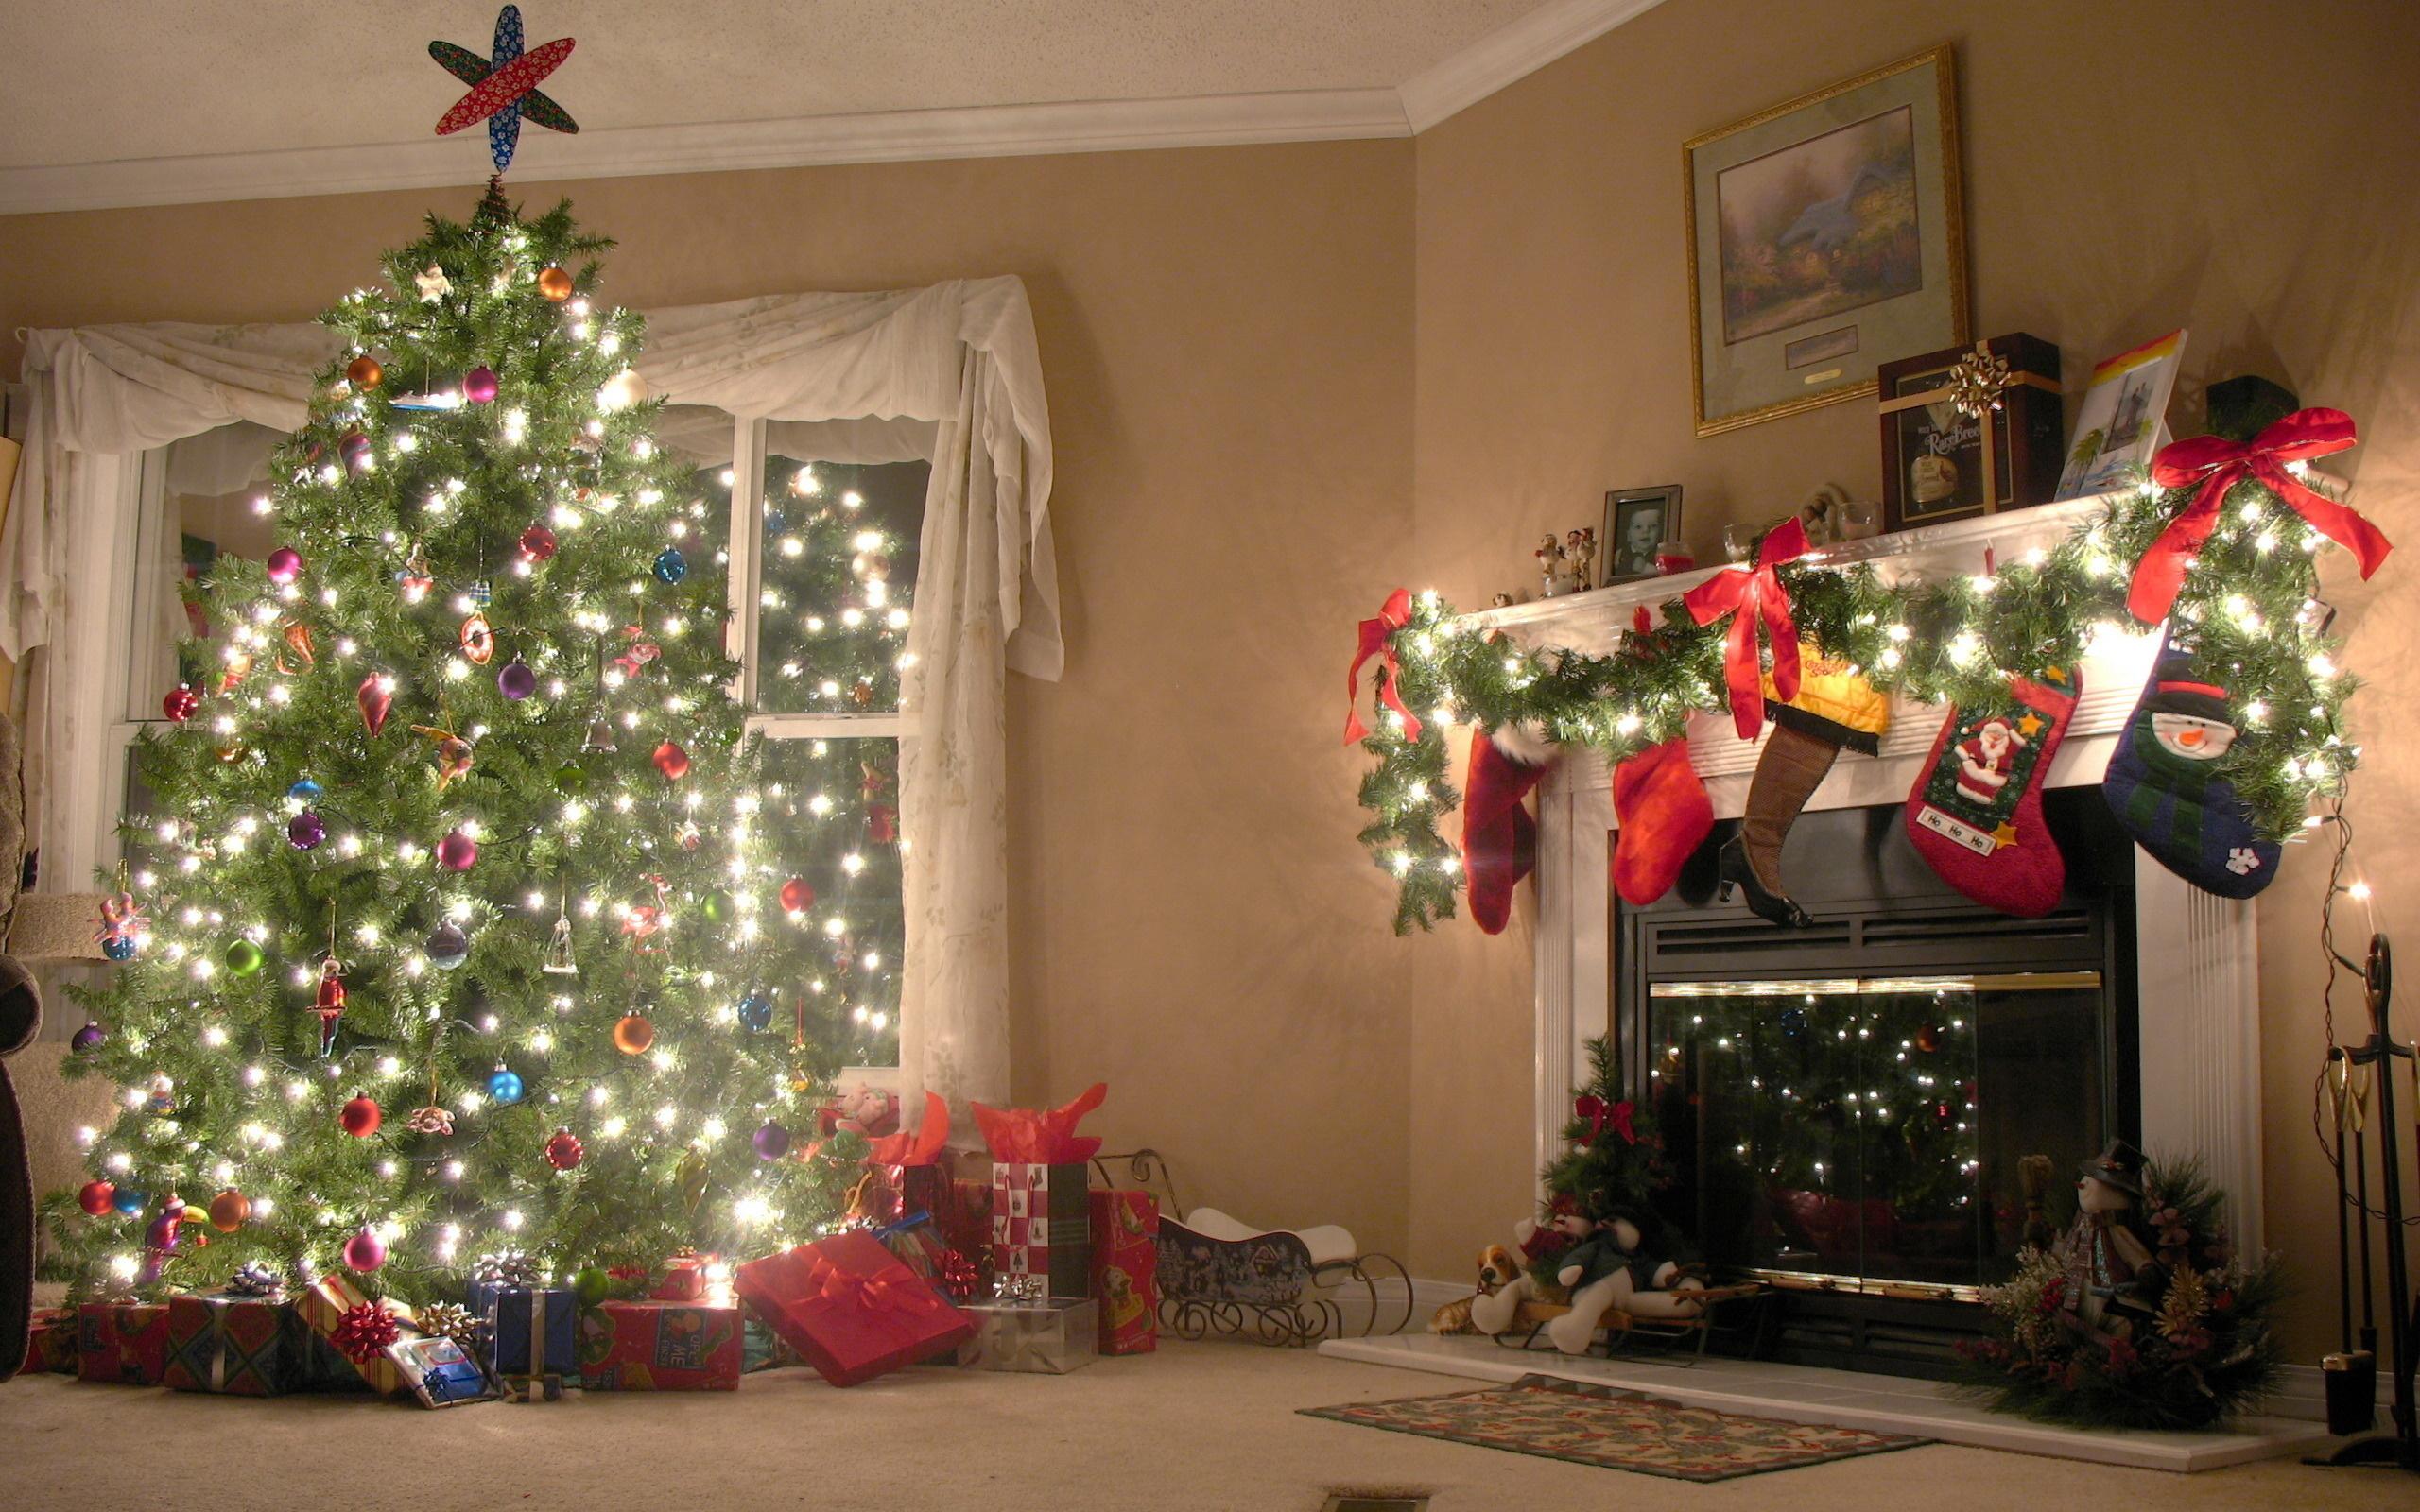 Картинка наряженная новогодняя елка возле окна у камина ...